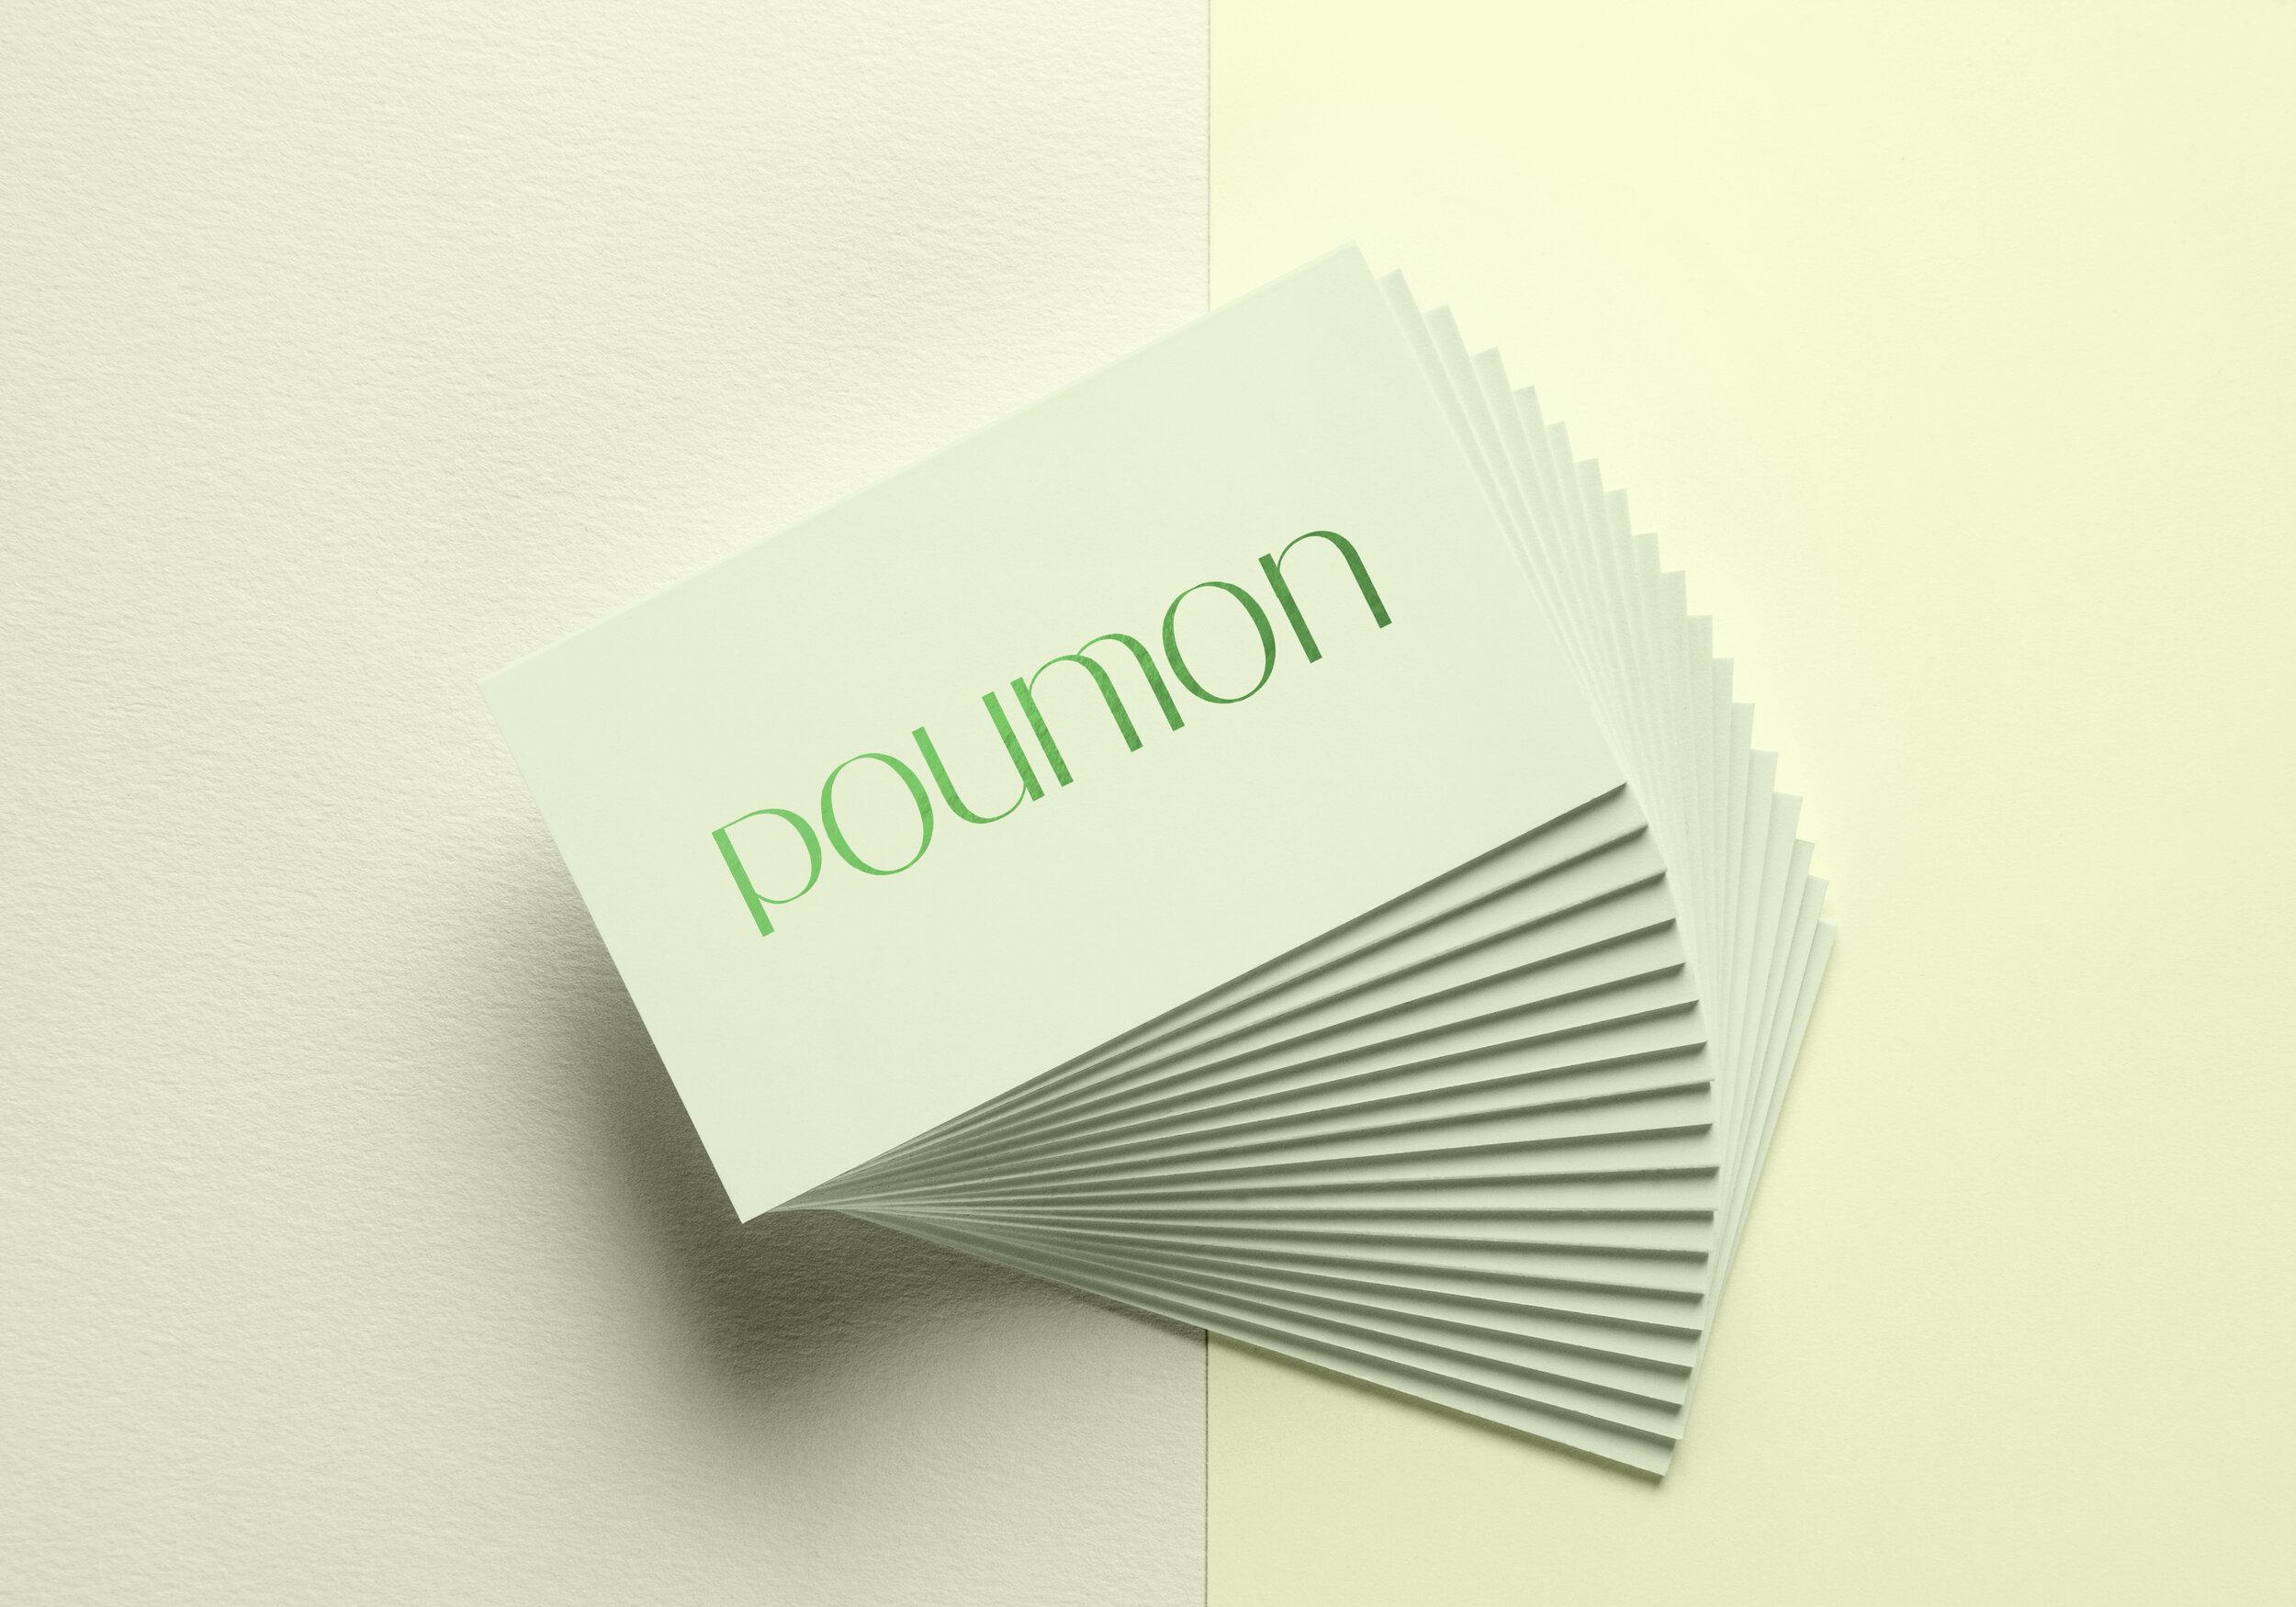 Poumon ❦  Branding proposition for a florist café in Bordeaux. Art direction by Dez Gusta at the wonderful  Abmo  agency in Paris.